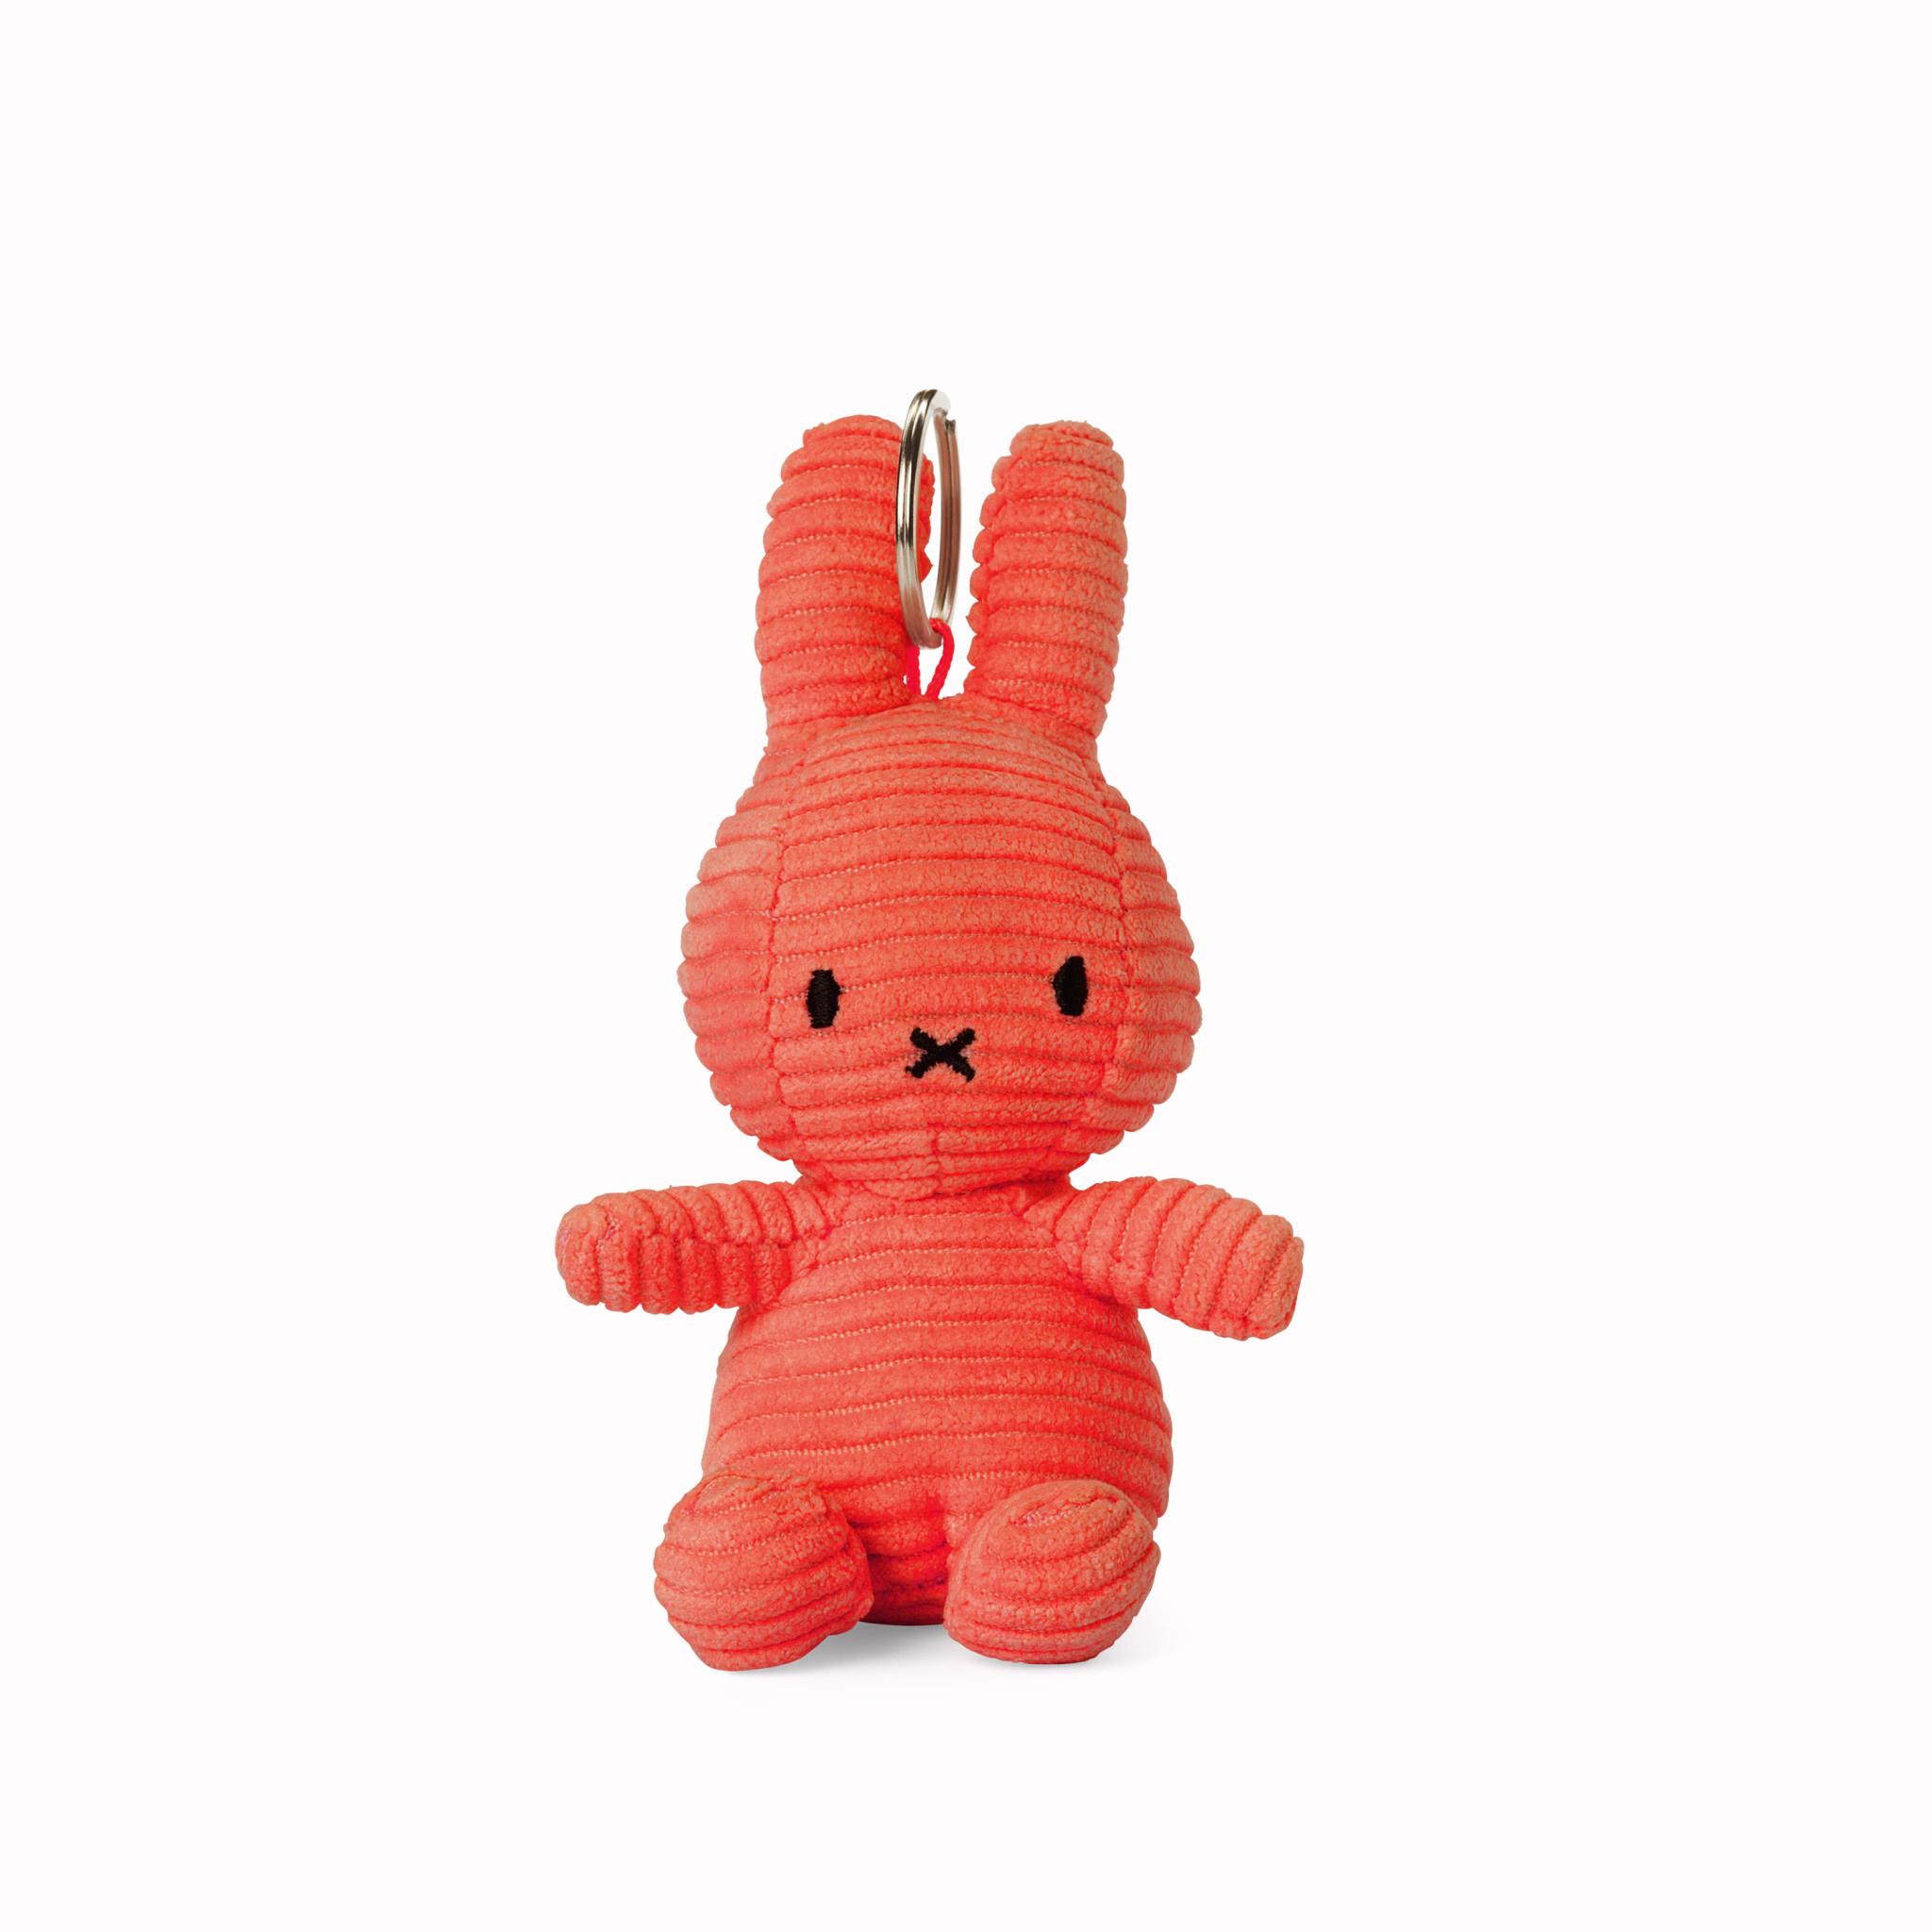 Nijntje/Miffy/Snuffy Miffy Keychain Corduroy Bubblegum Pink - 10 cm-4